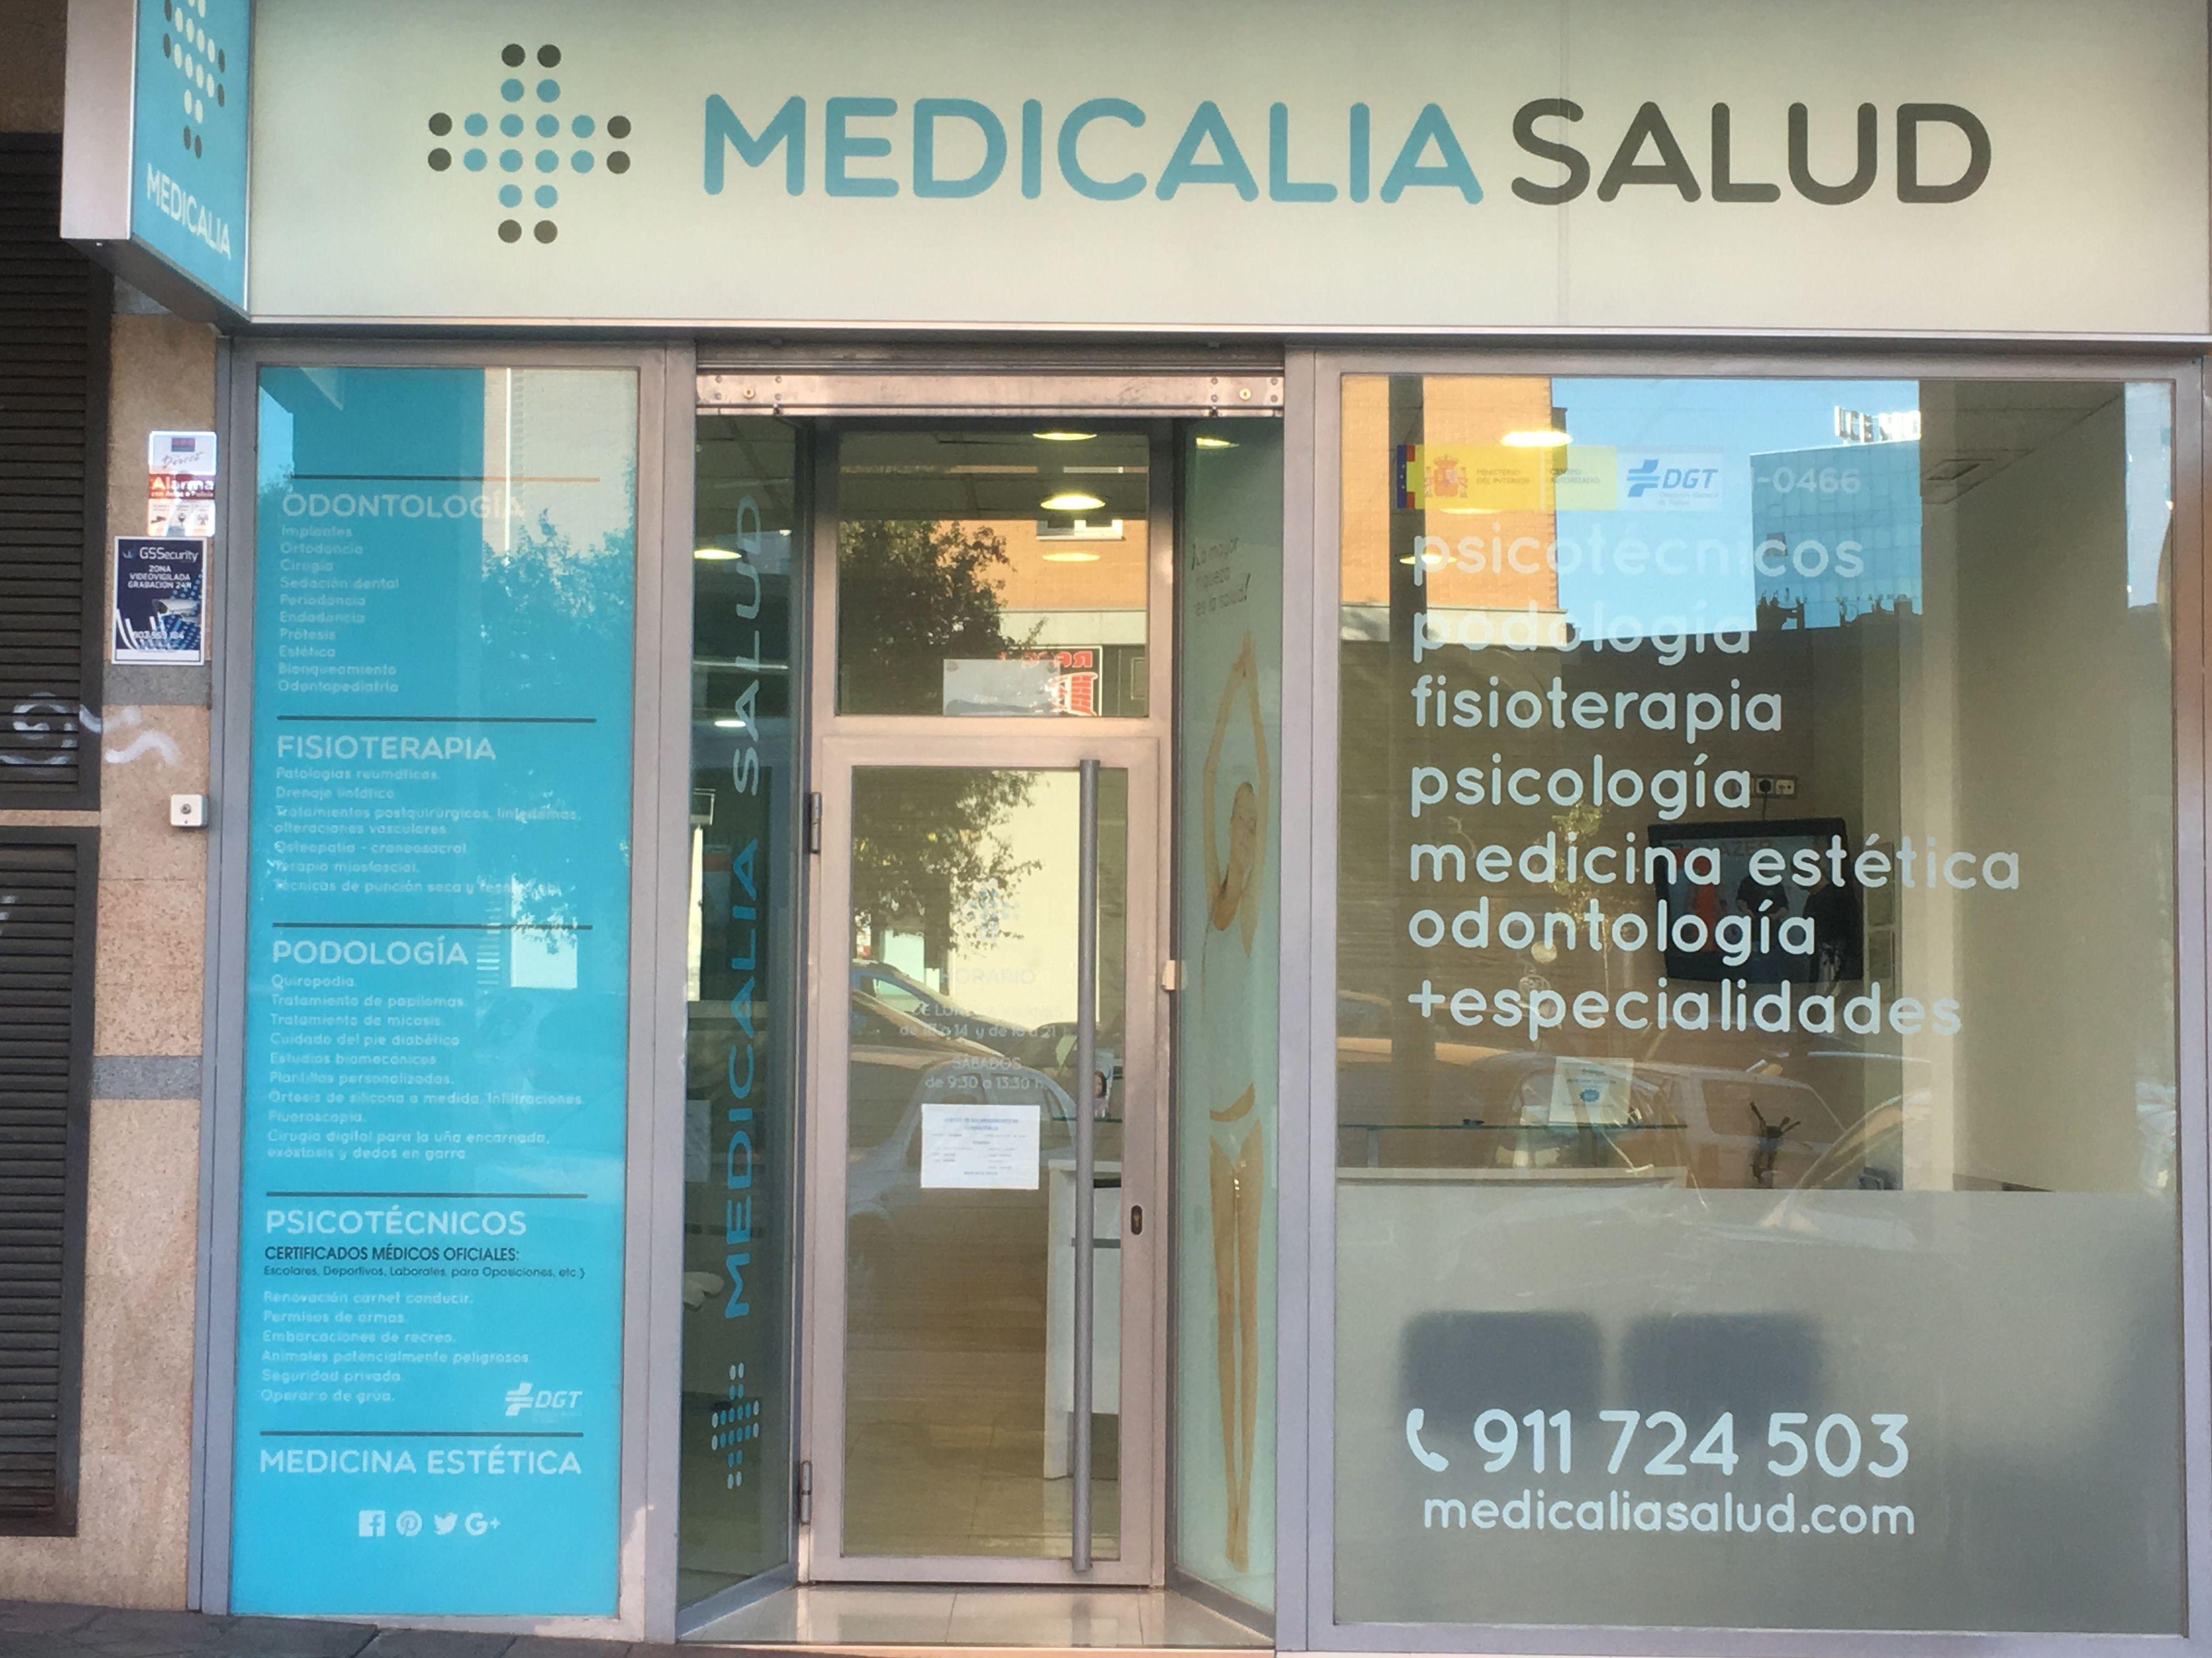 Medicalia Salud